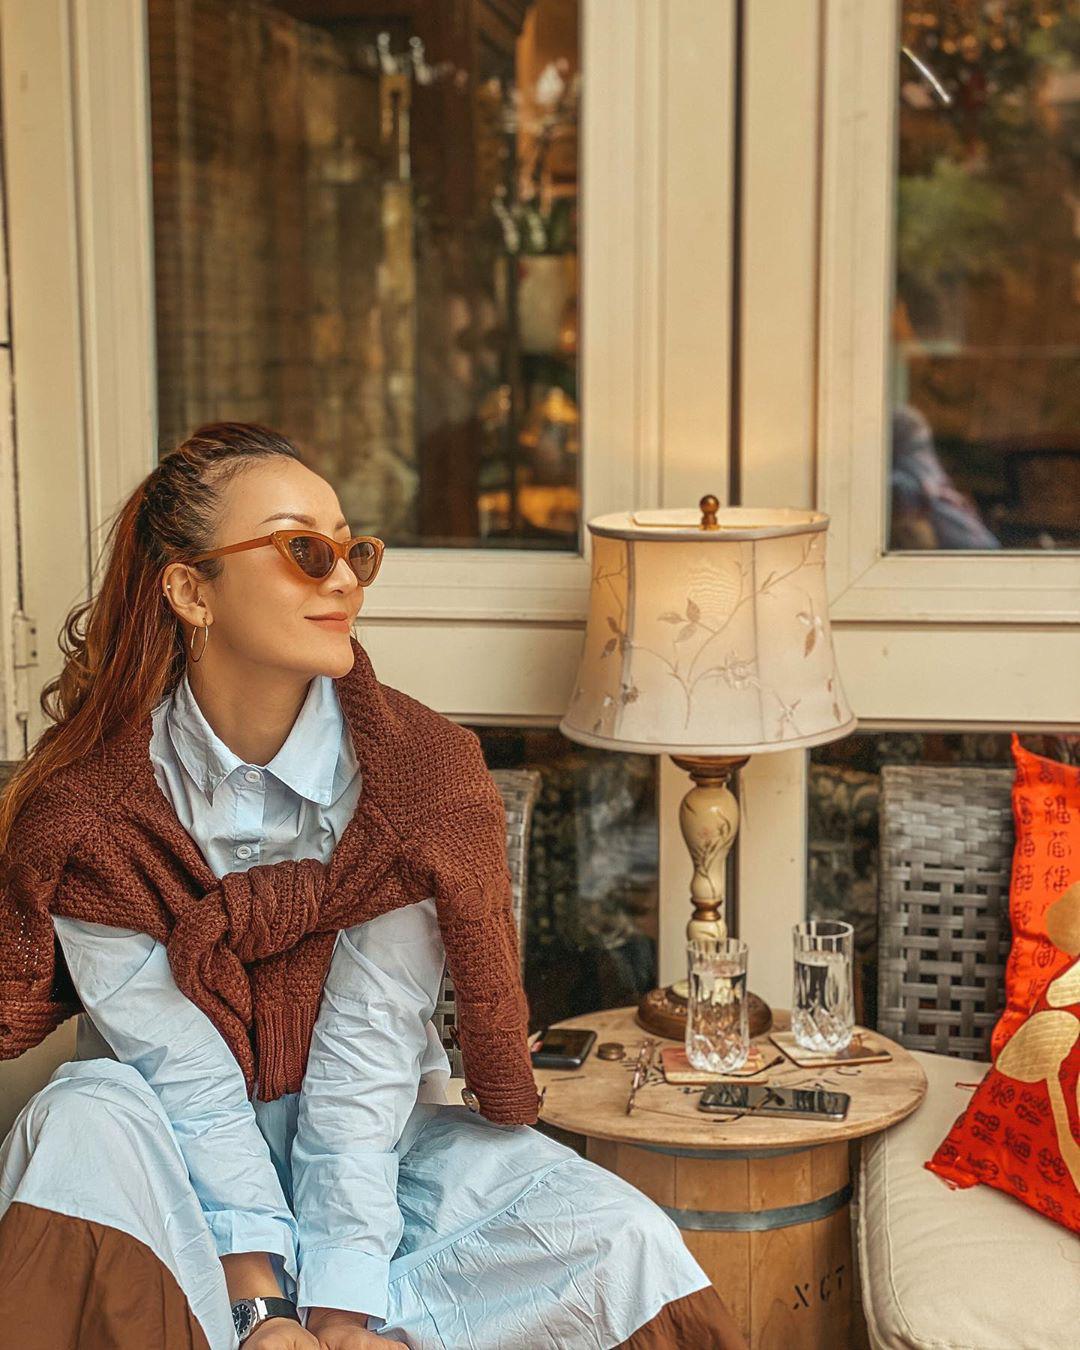 3 kiểu áo khoác khi trời trở lạnh được lòng hội sao Vbiz: Copy theo các nàng sẽ thấy style xịn hơn liền  - Ảnh 10.